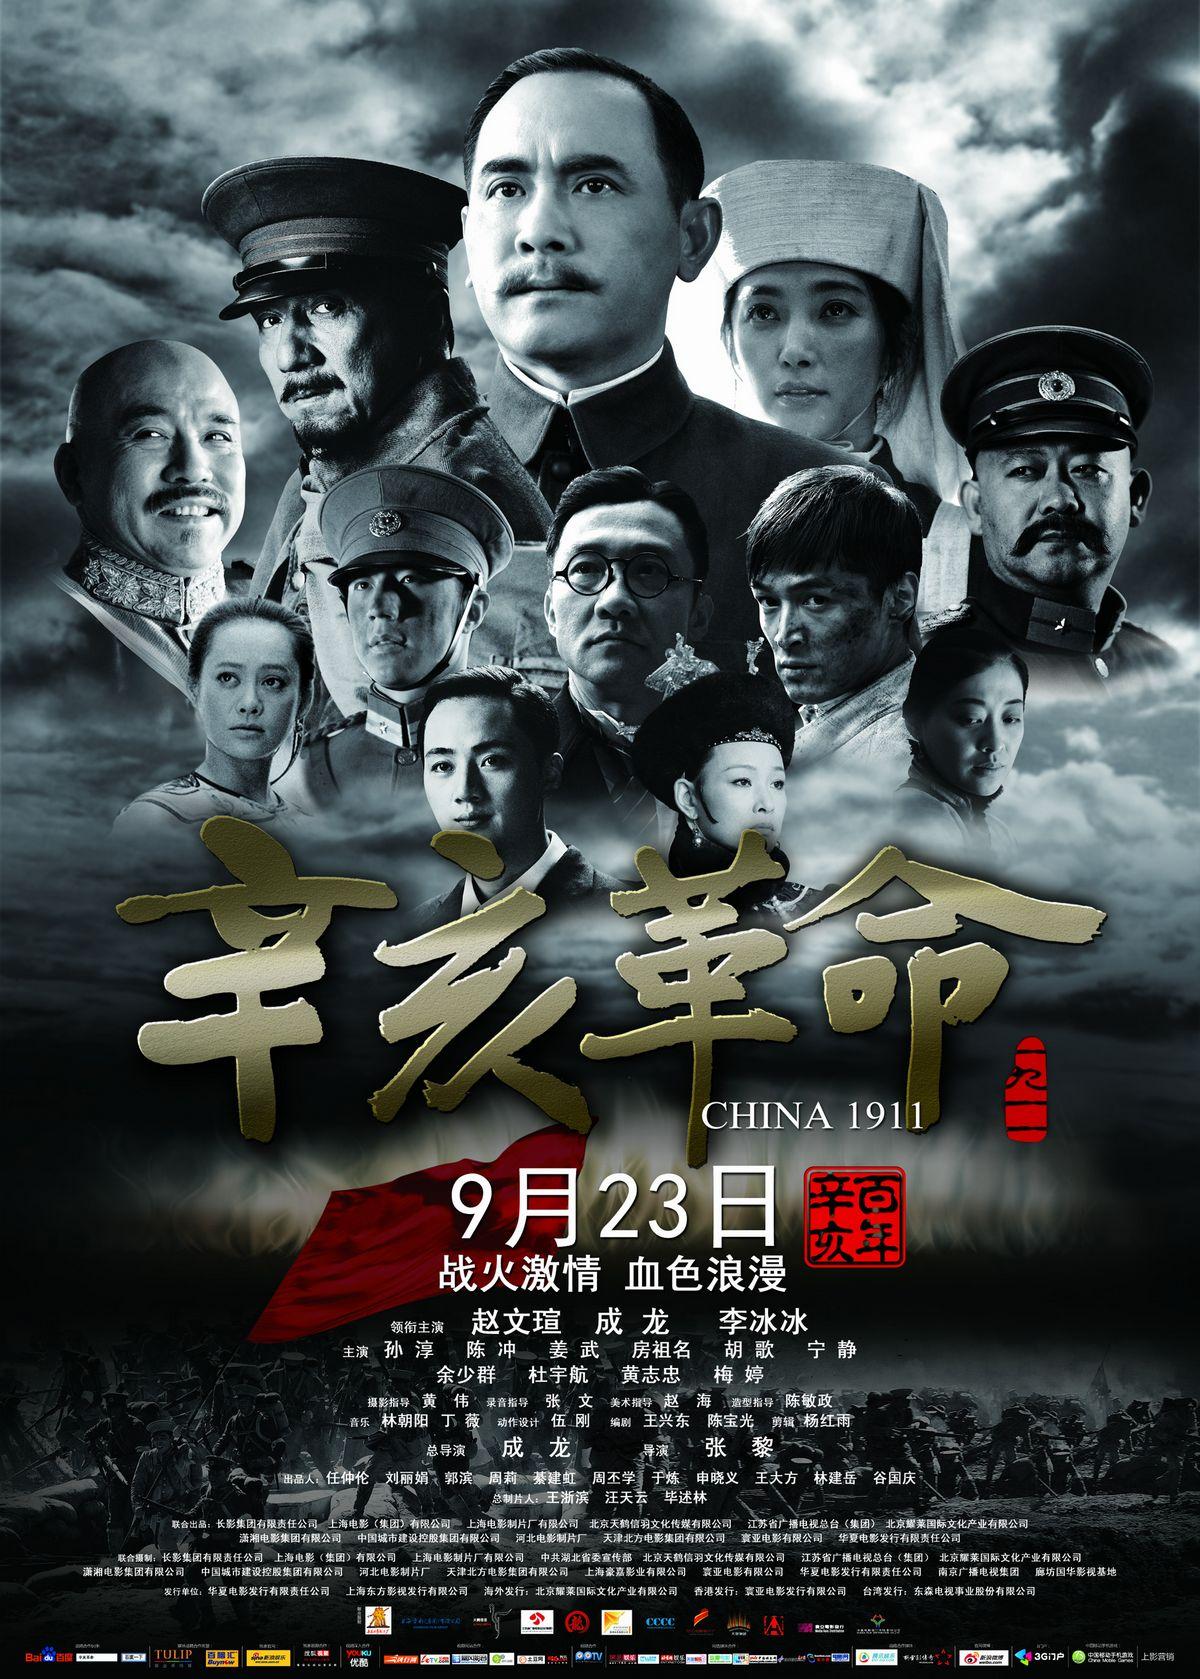 辛亥革命电影海报-设计欣赏-素材中国-online.sccnn.